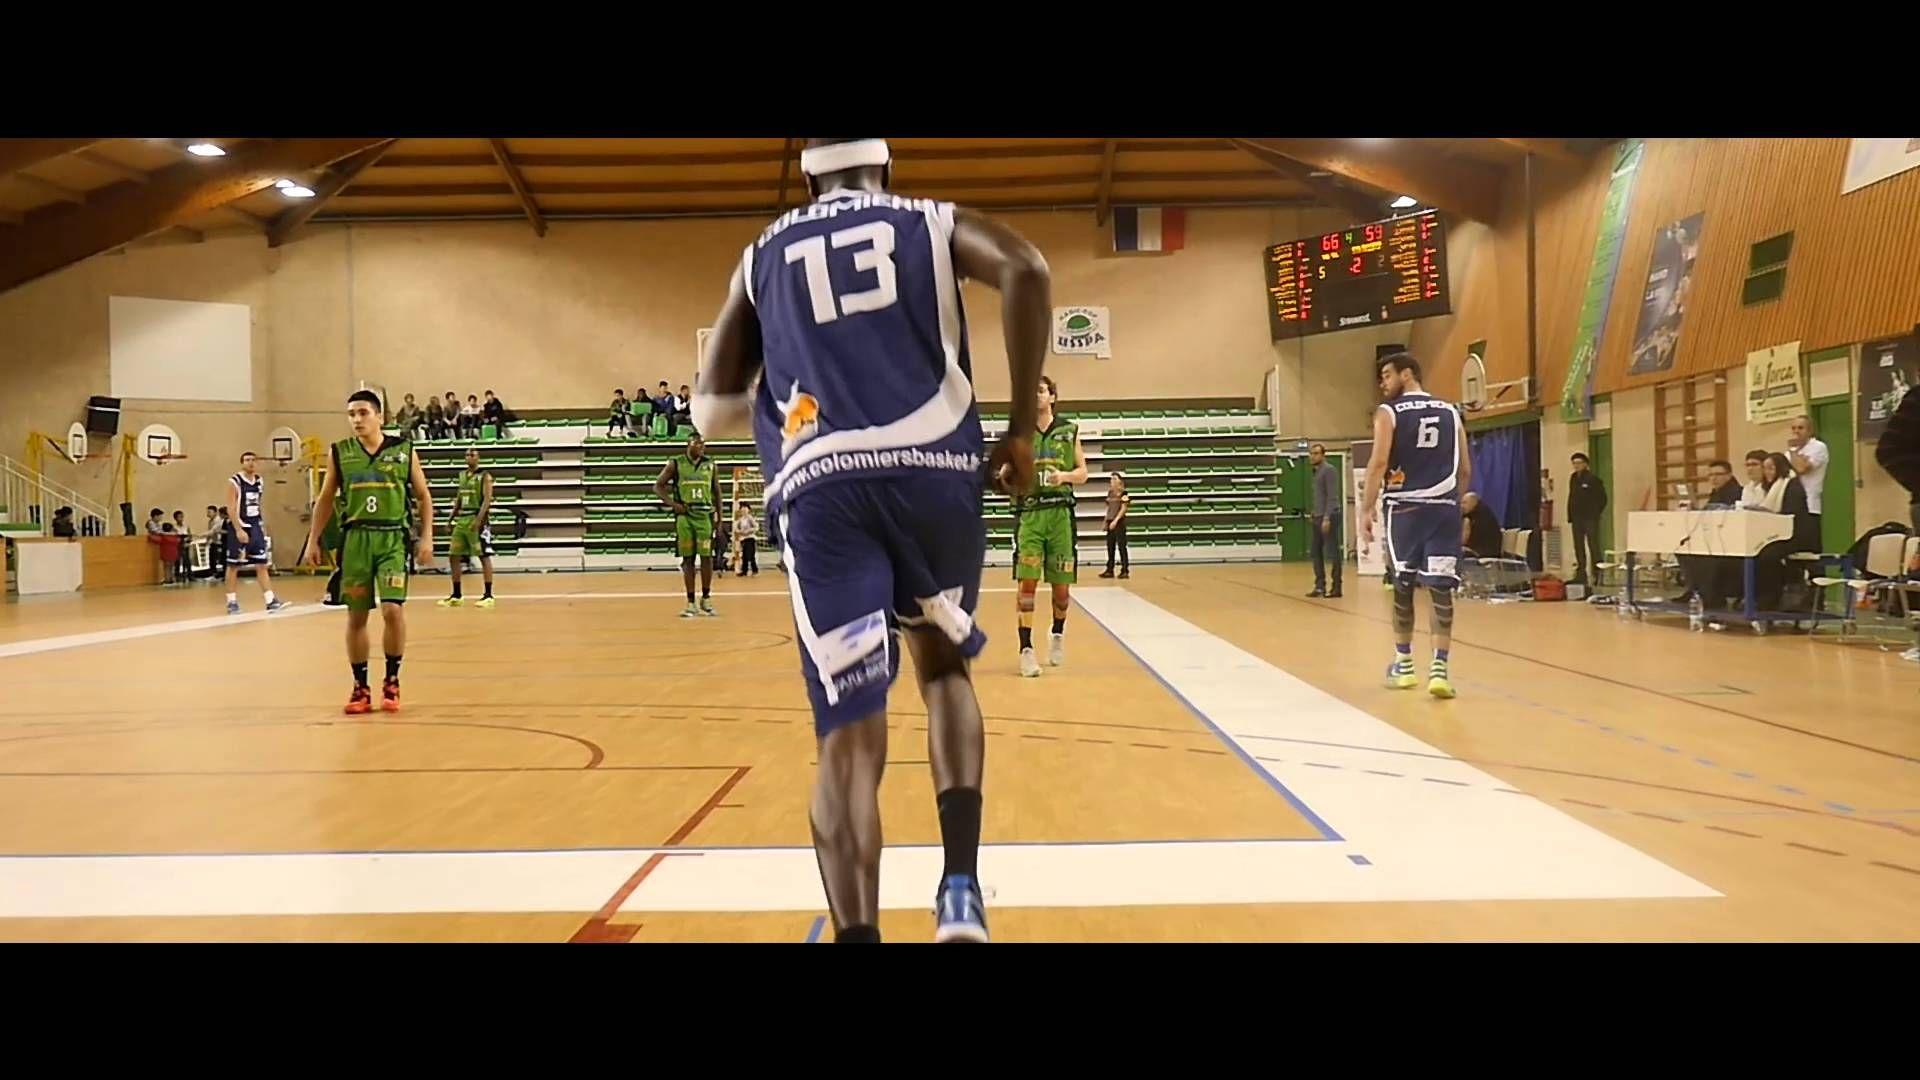 ALBI BASKET 81 vs RODEZ studiosh2g AB81 basket albi rodez